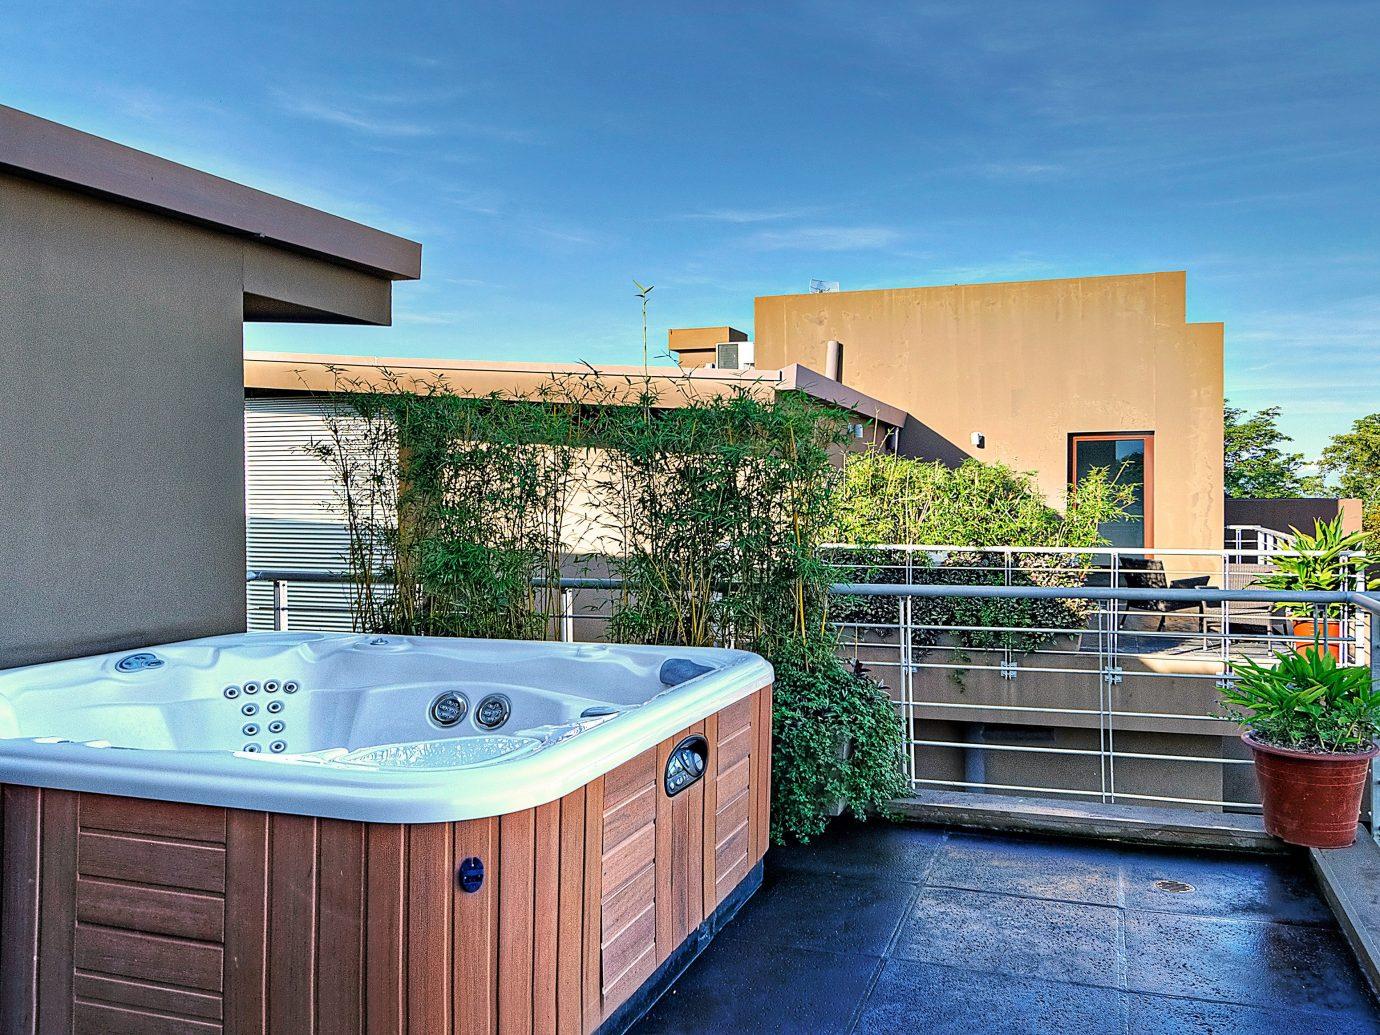 Hot tub at Preserve at Los Altos